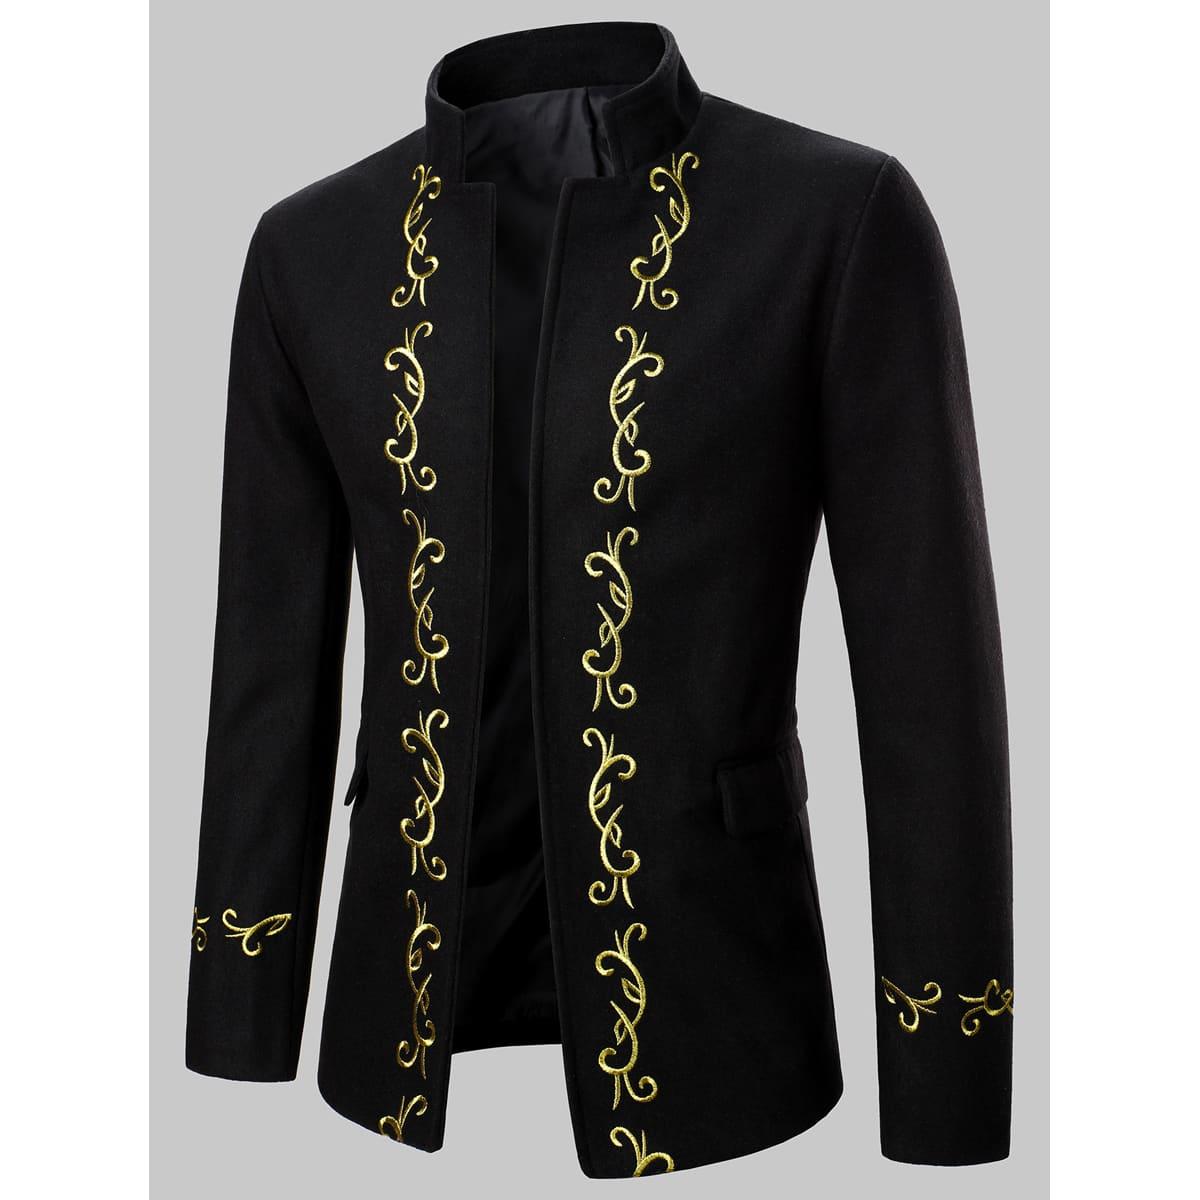 Мужской пиджак с карманом и вышивкой